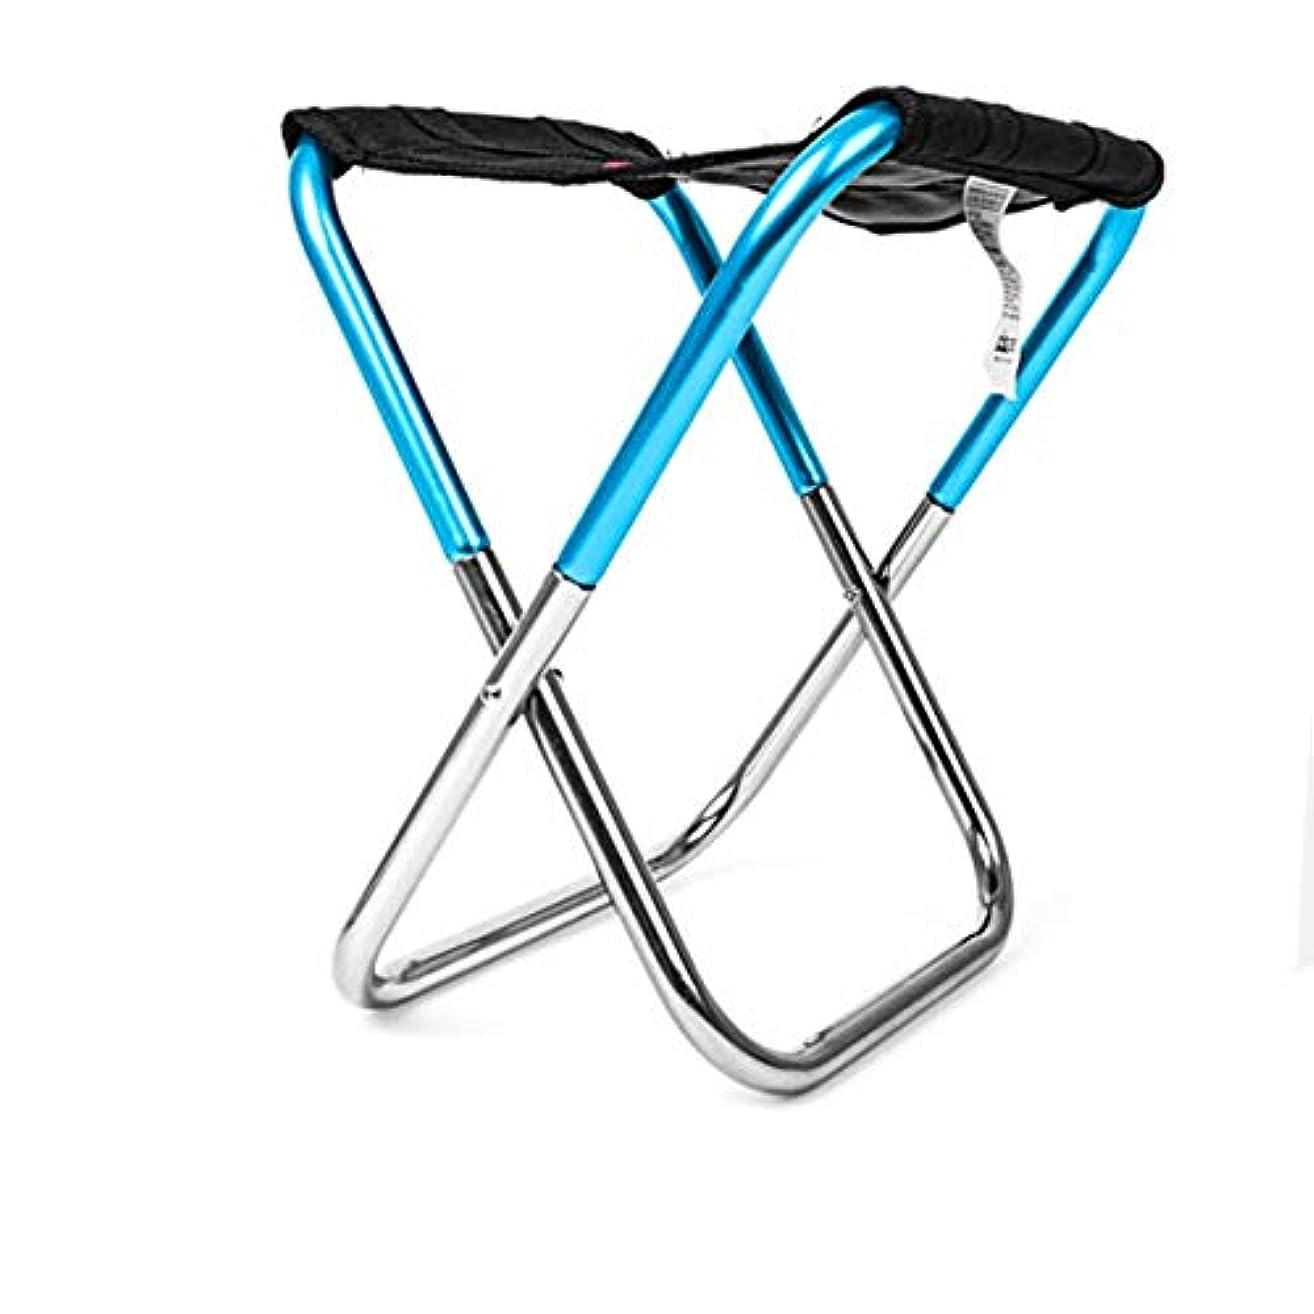 竜巻名誉斧屋外折りたたみシートチェア折りたたみミニスツールポータブルキャンプフィッシングトレインベンチ折りたたみ式並んだスツール-ブルー